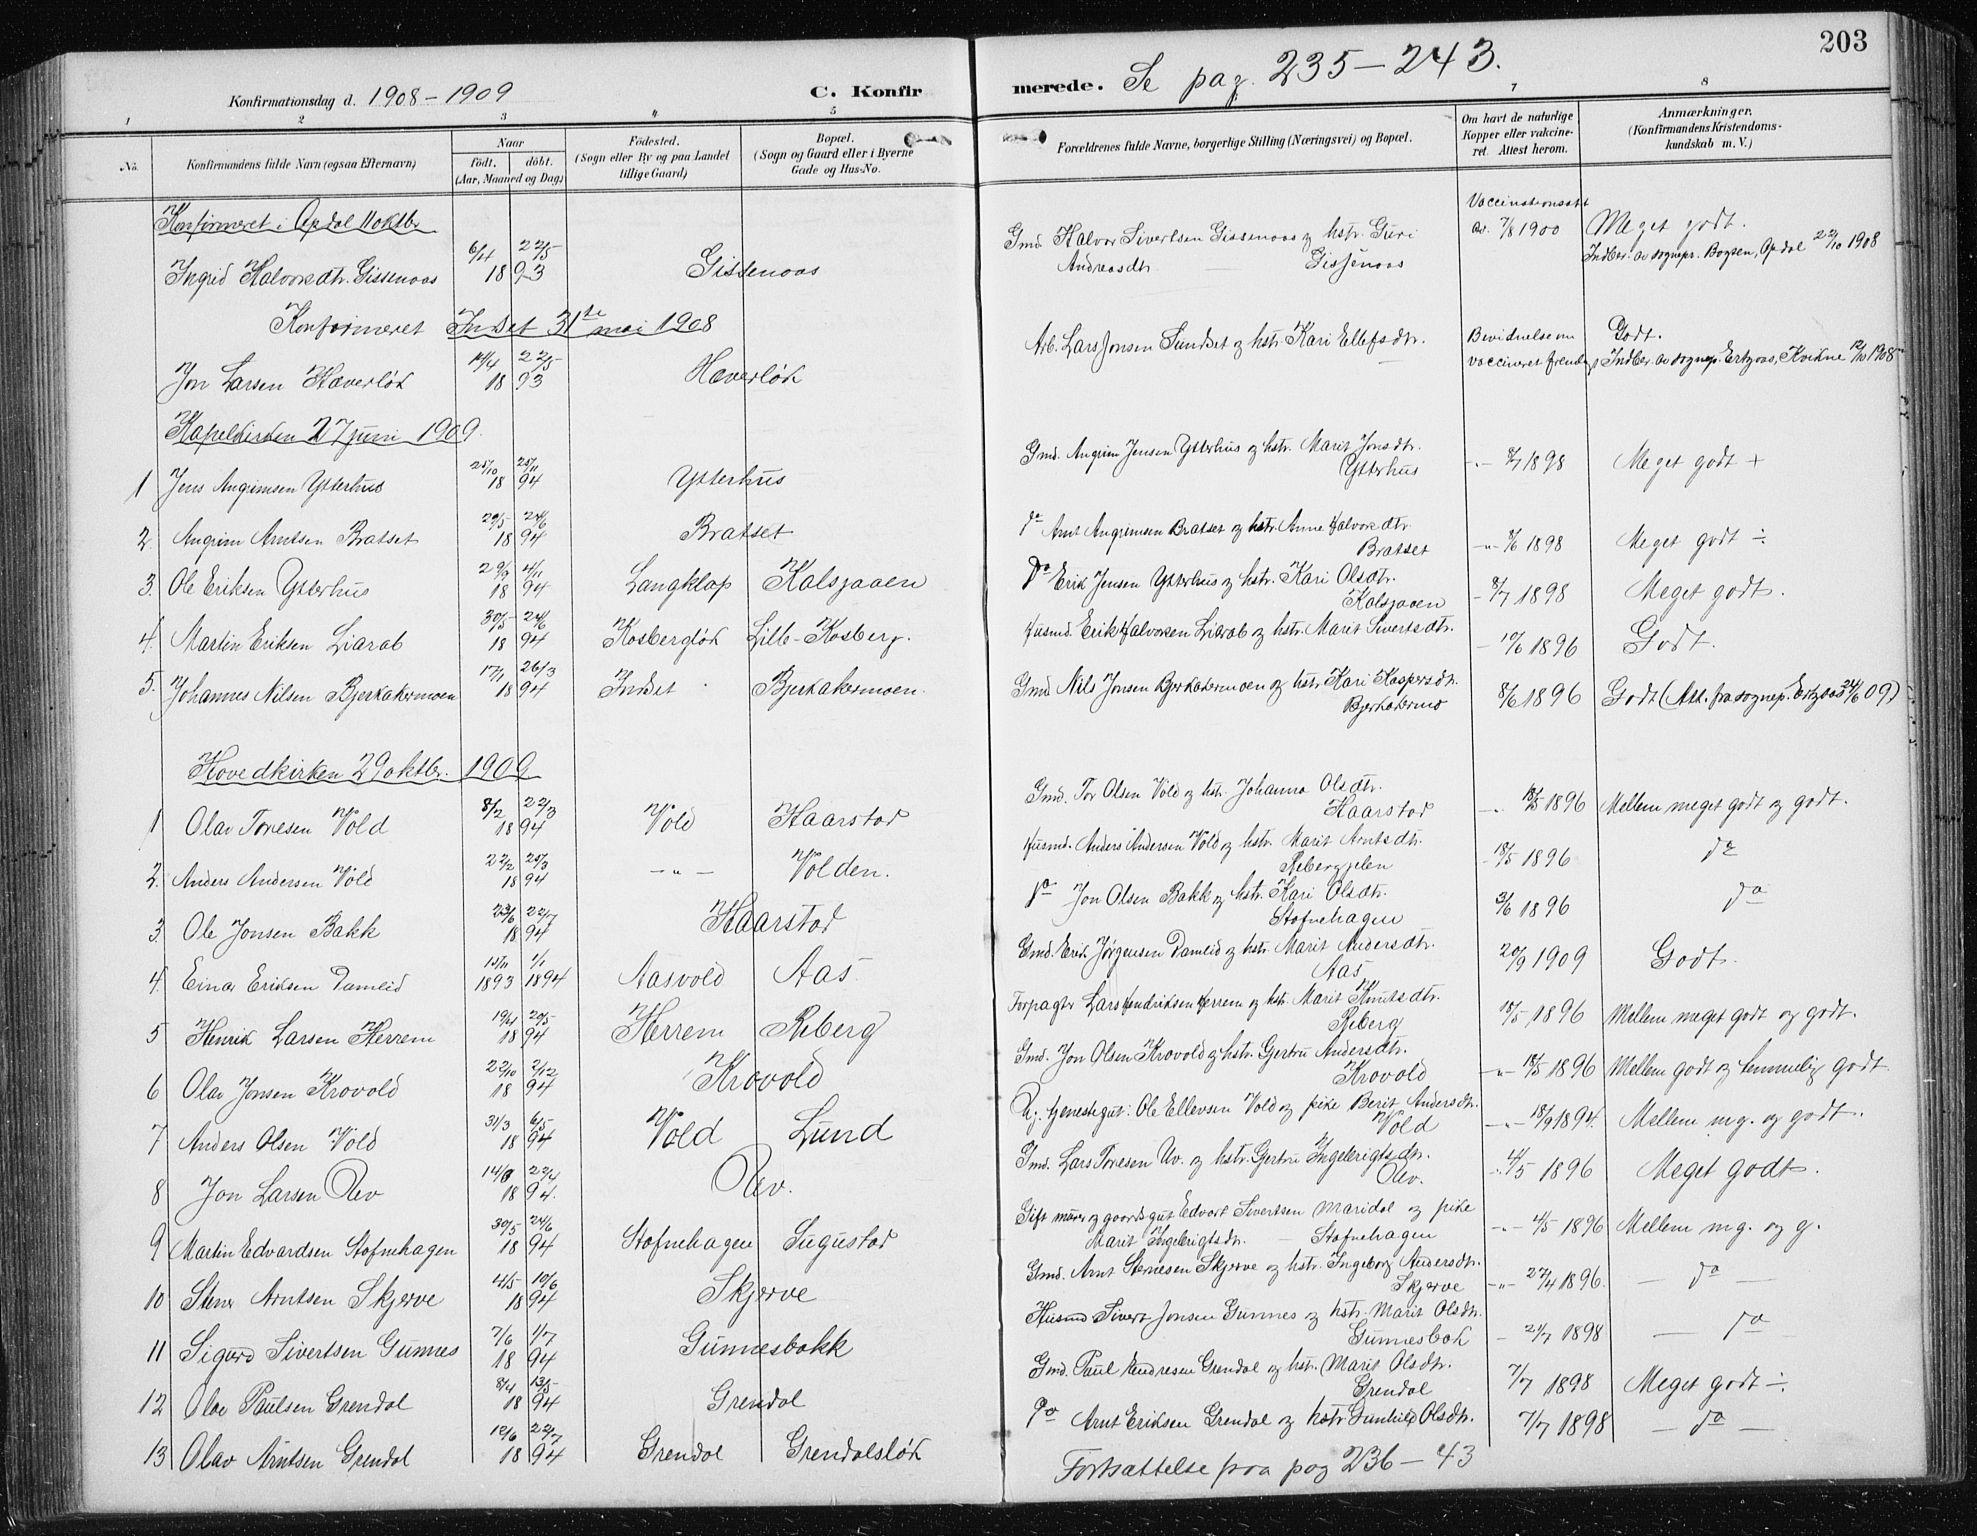 SAT, Ministerialprotokoller, klokkerbøker og fødselsregistre - Sør-Trøndelag, 674/L0876: Klokkerbok nr. 674C03, 1892-1912, s. 203